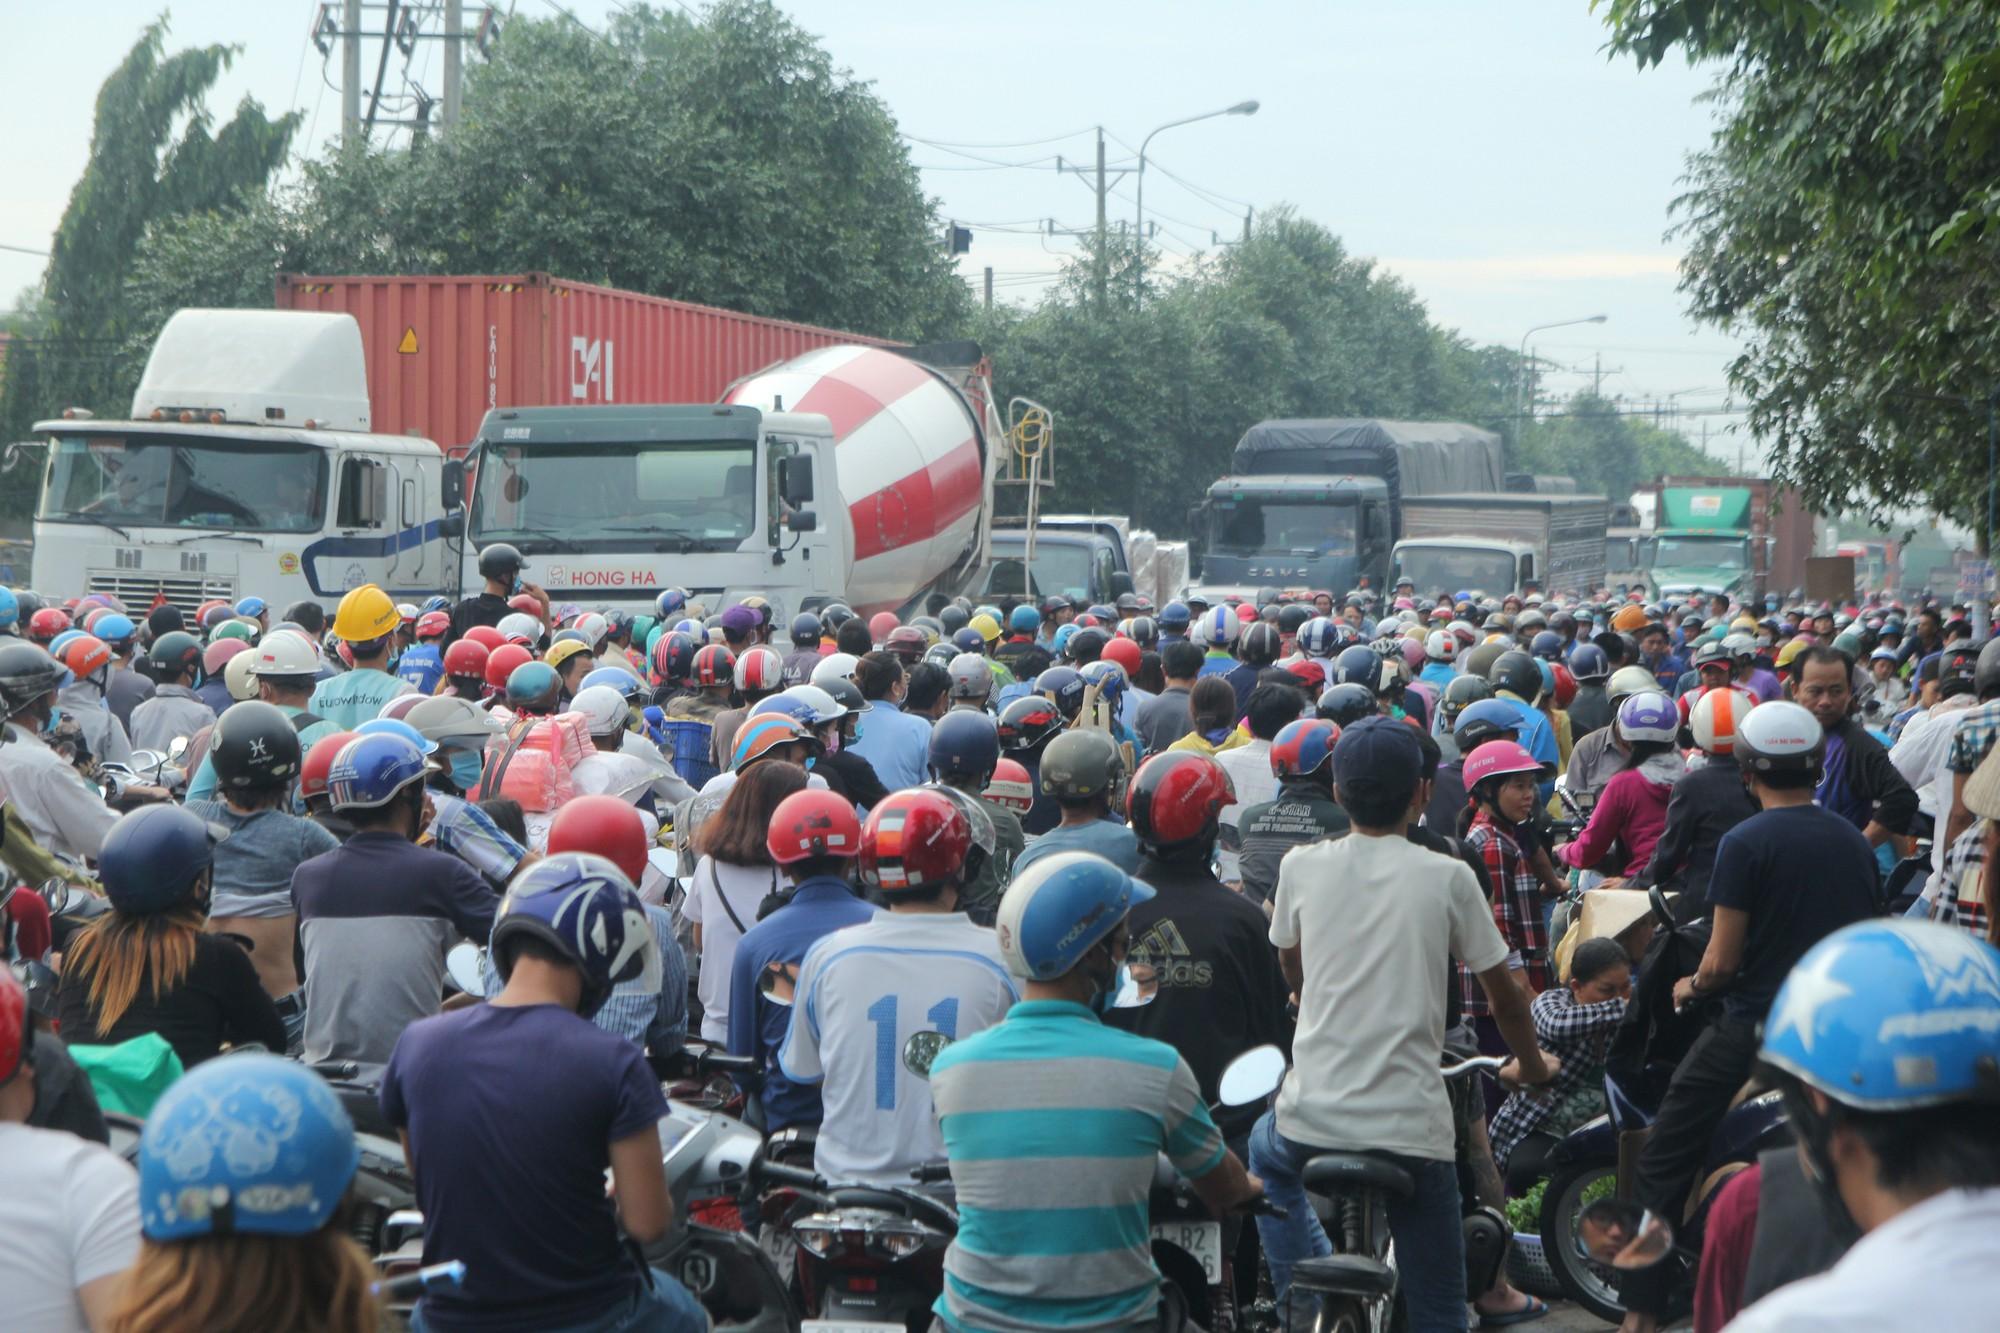 Hàng trăm phương tiện chôn chân trên đường, giao thông tê liệt - Ảnh 8.